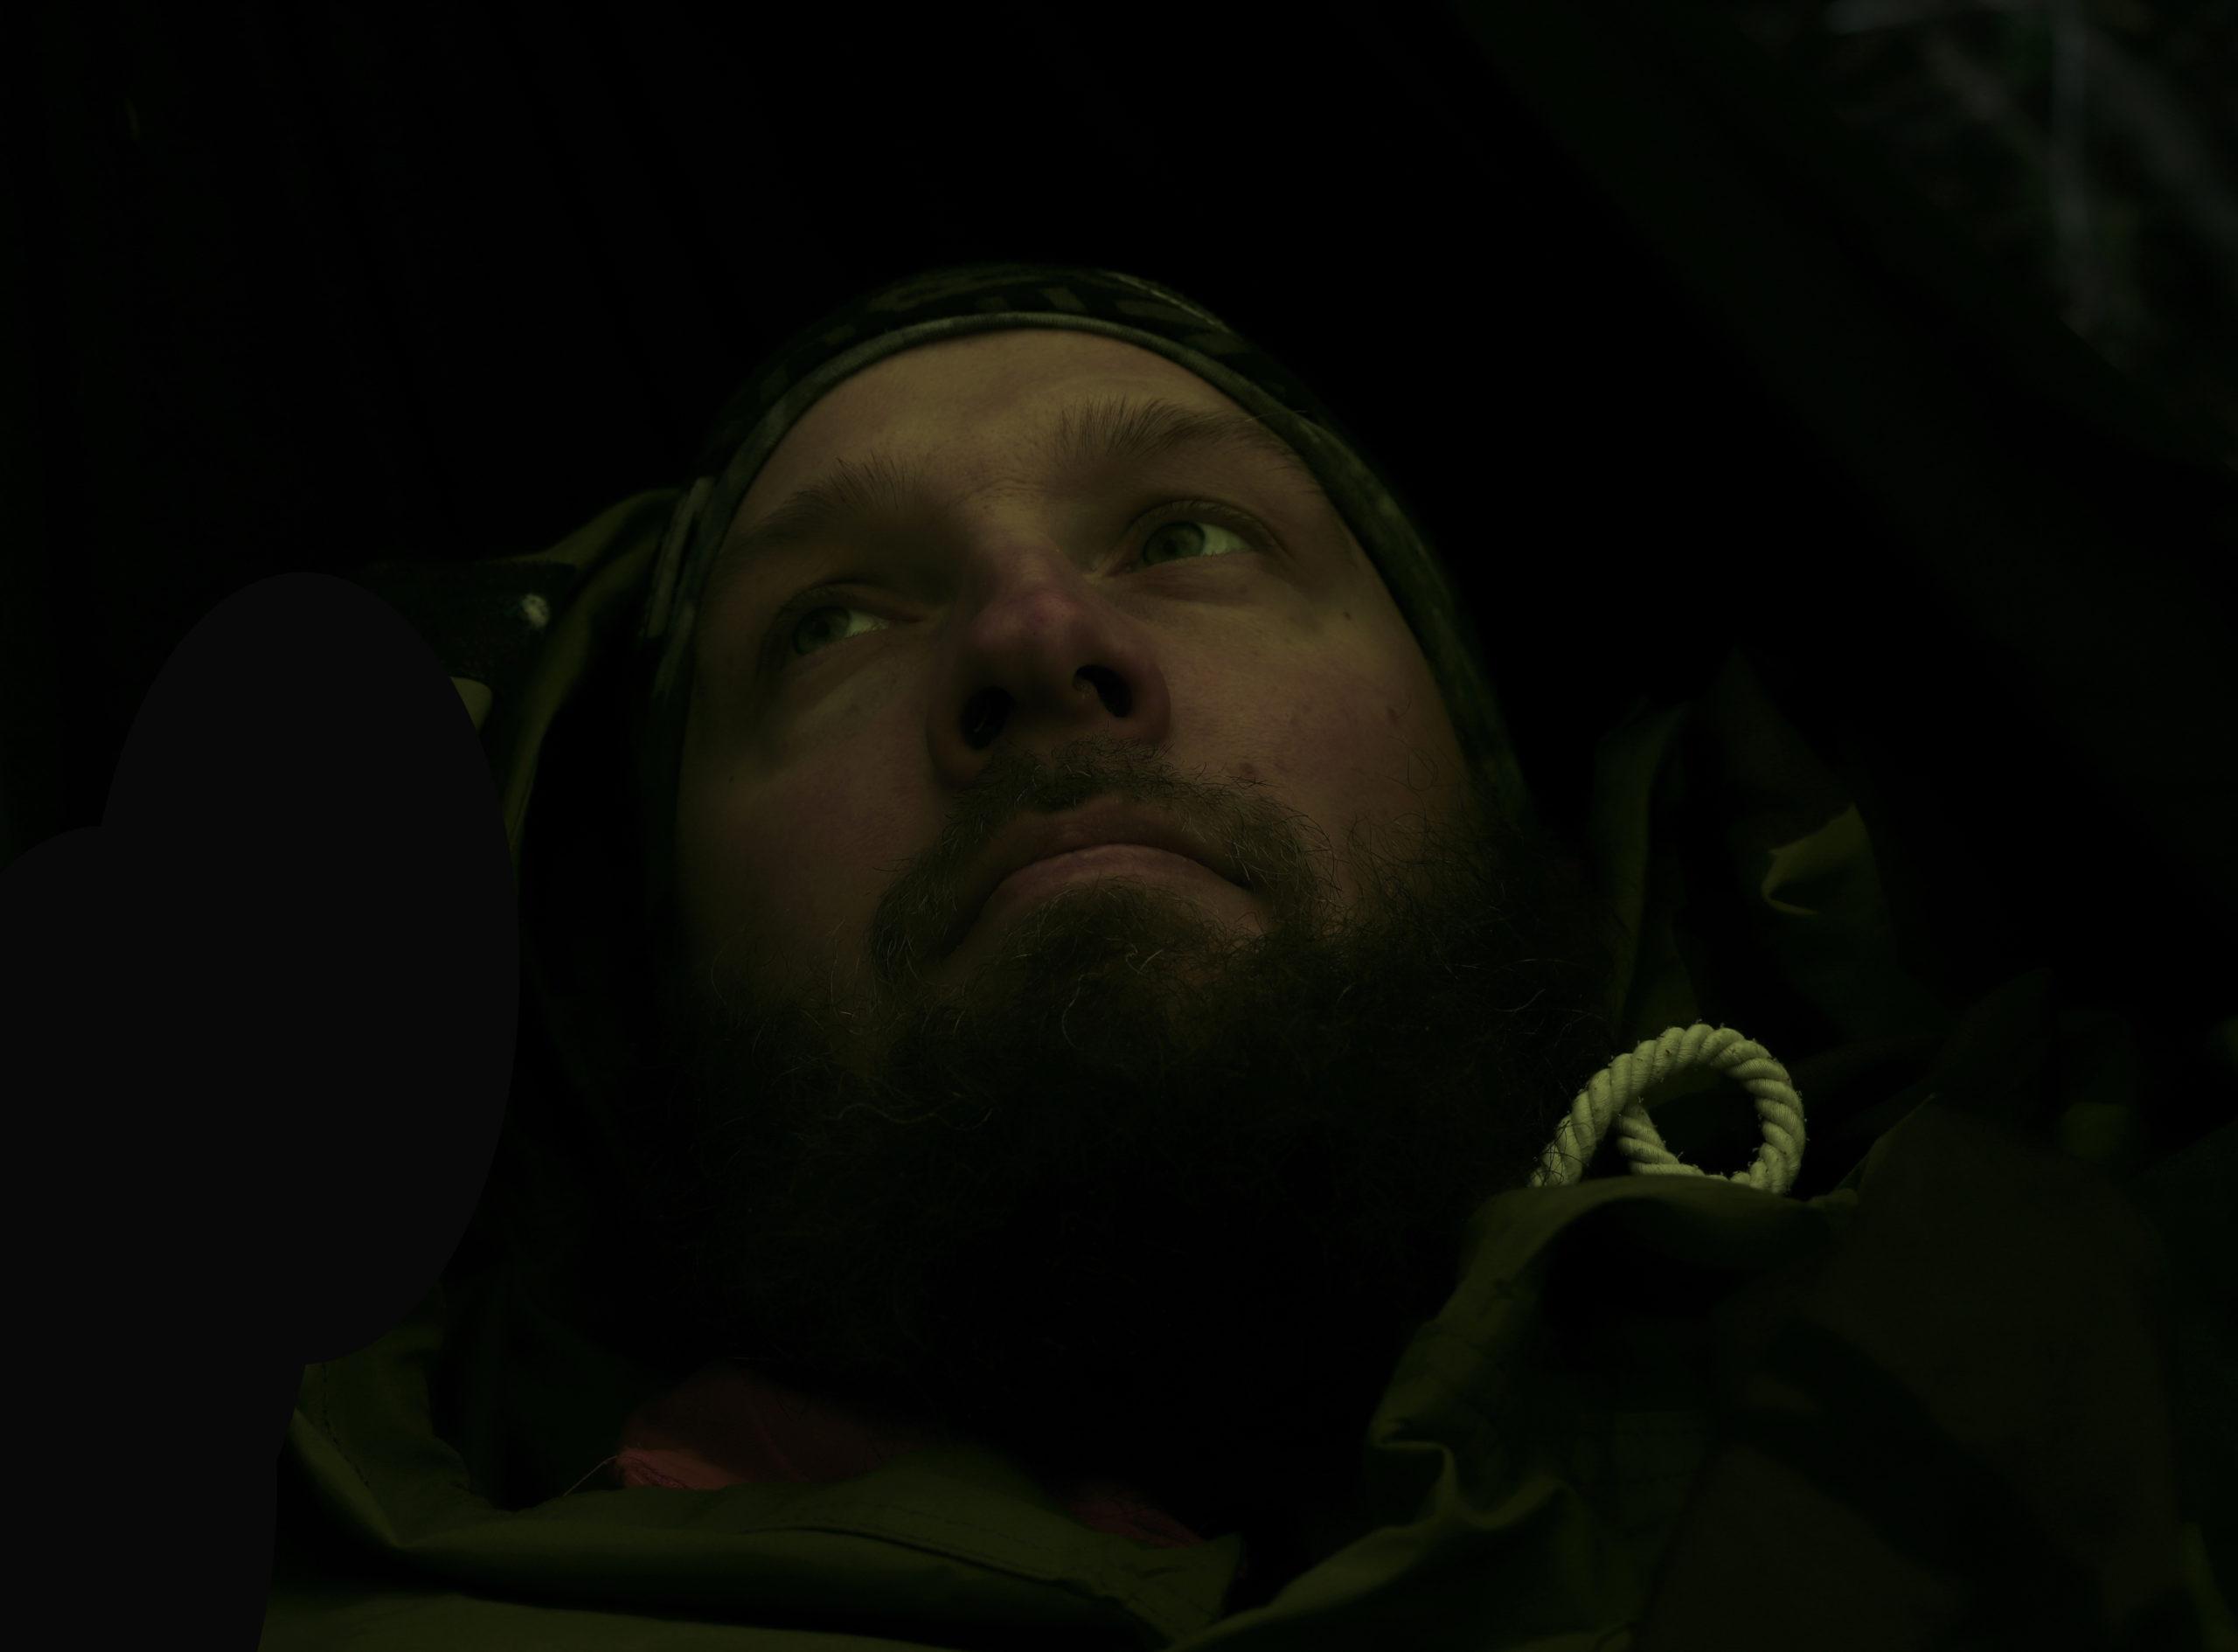 Miehen kasvot pimeää taustaa vasten